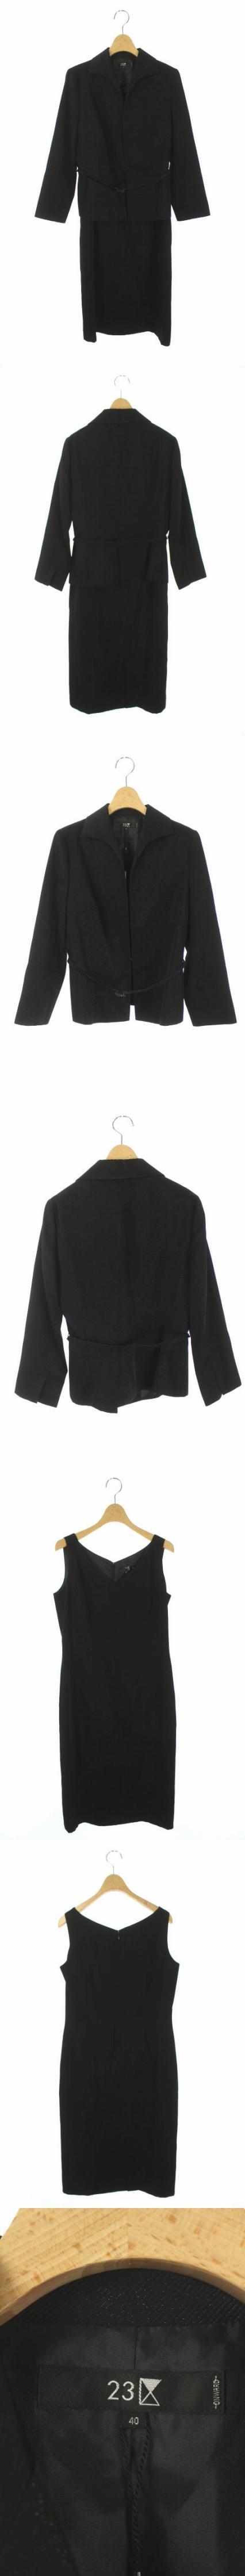 スーツ 2点セット ジャケット ワンピース ひざ丈 ノースリーブ 40 黒 /AO